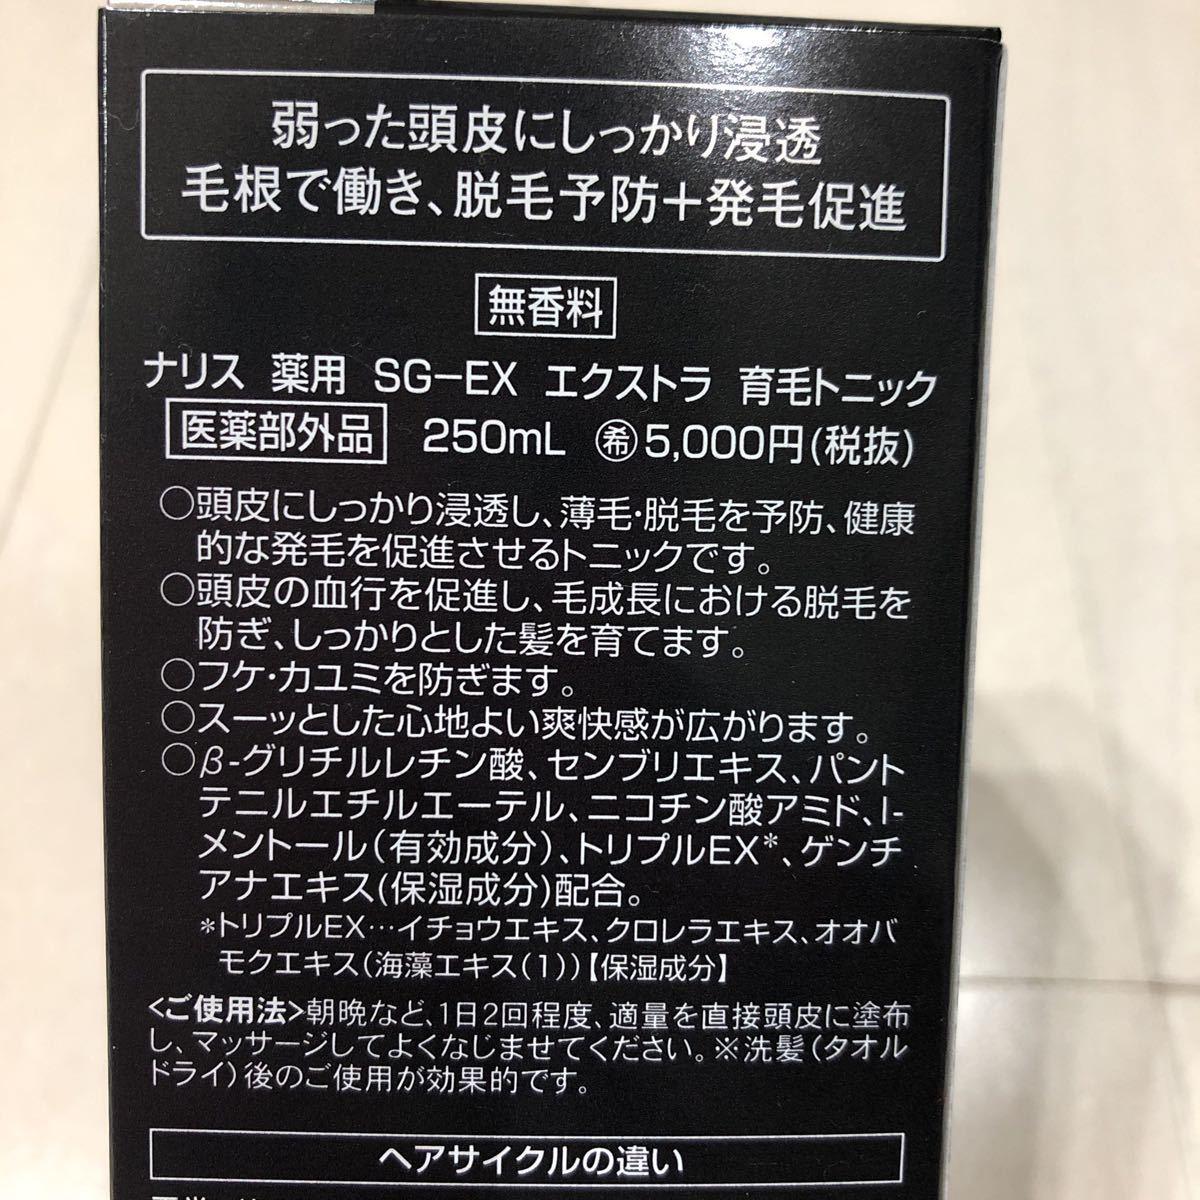 ナリス 薬用SG-EX エクストラ育毛トニック 2本セット